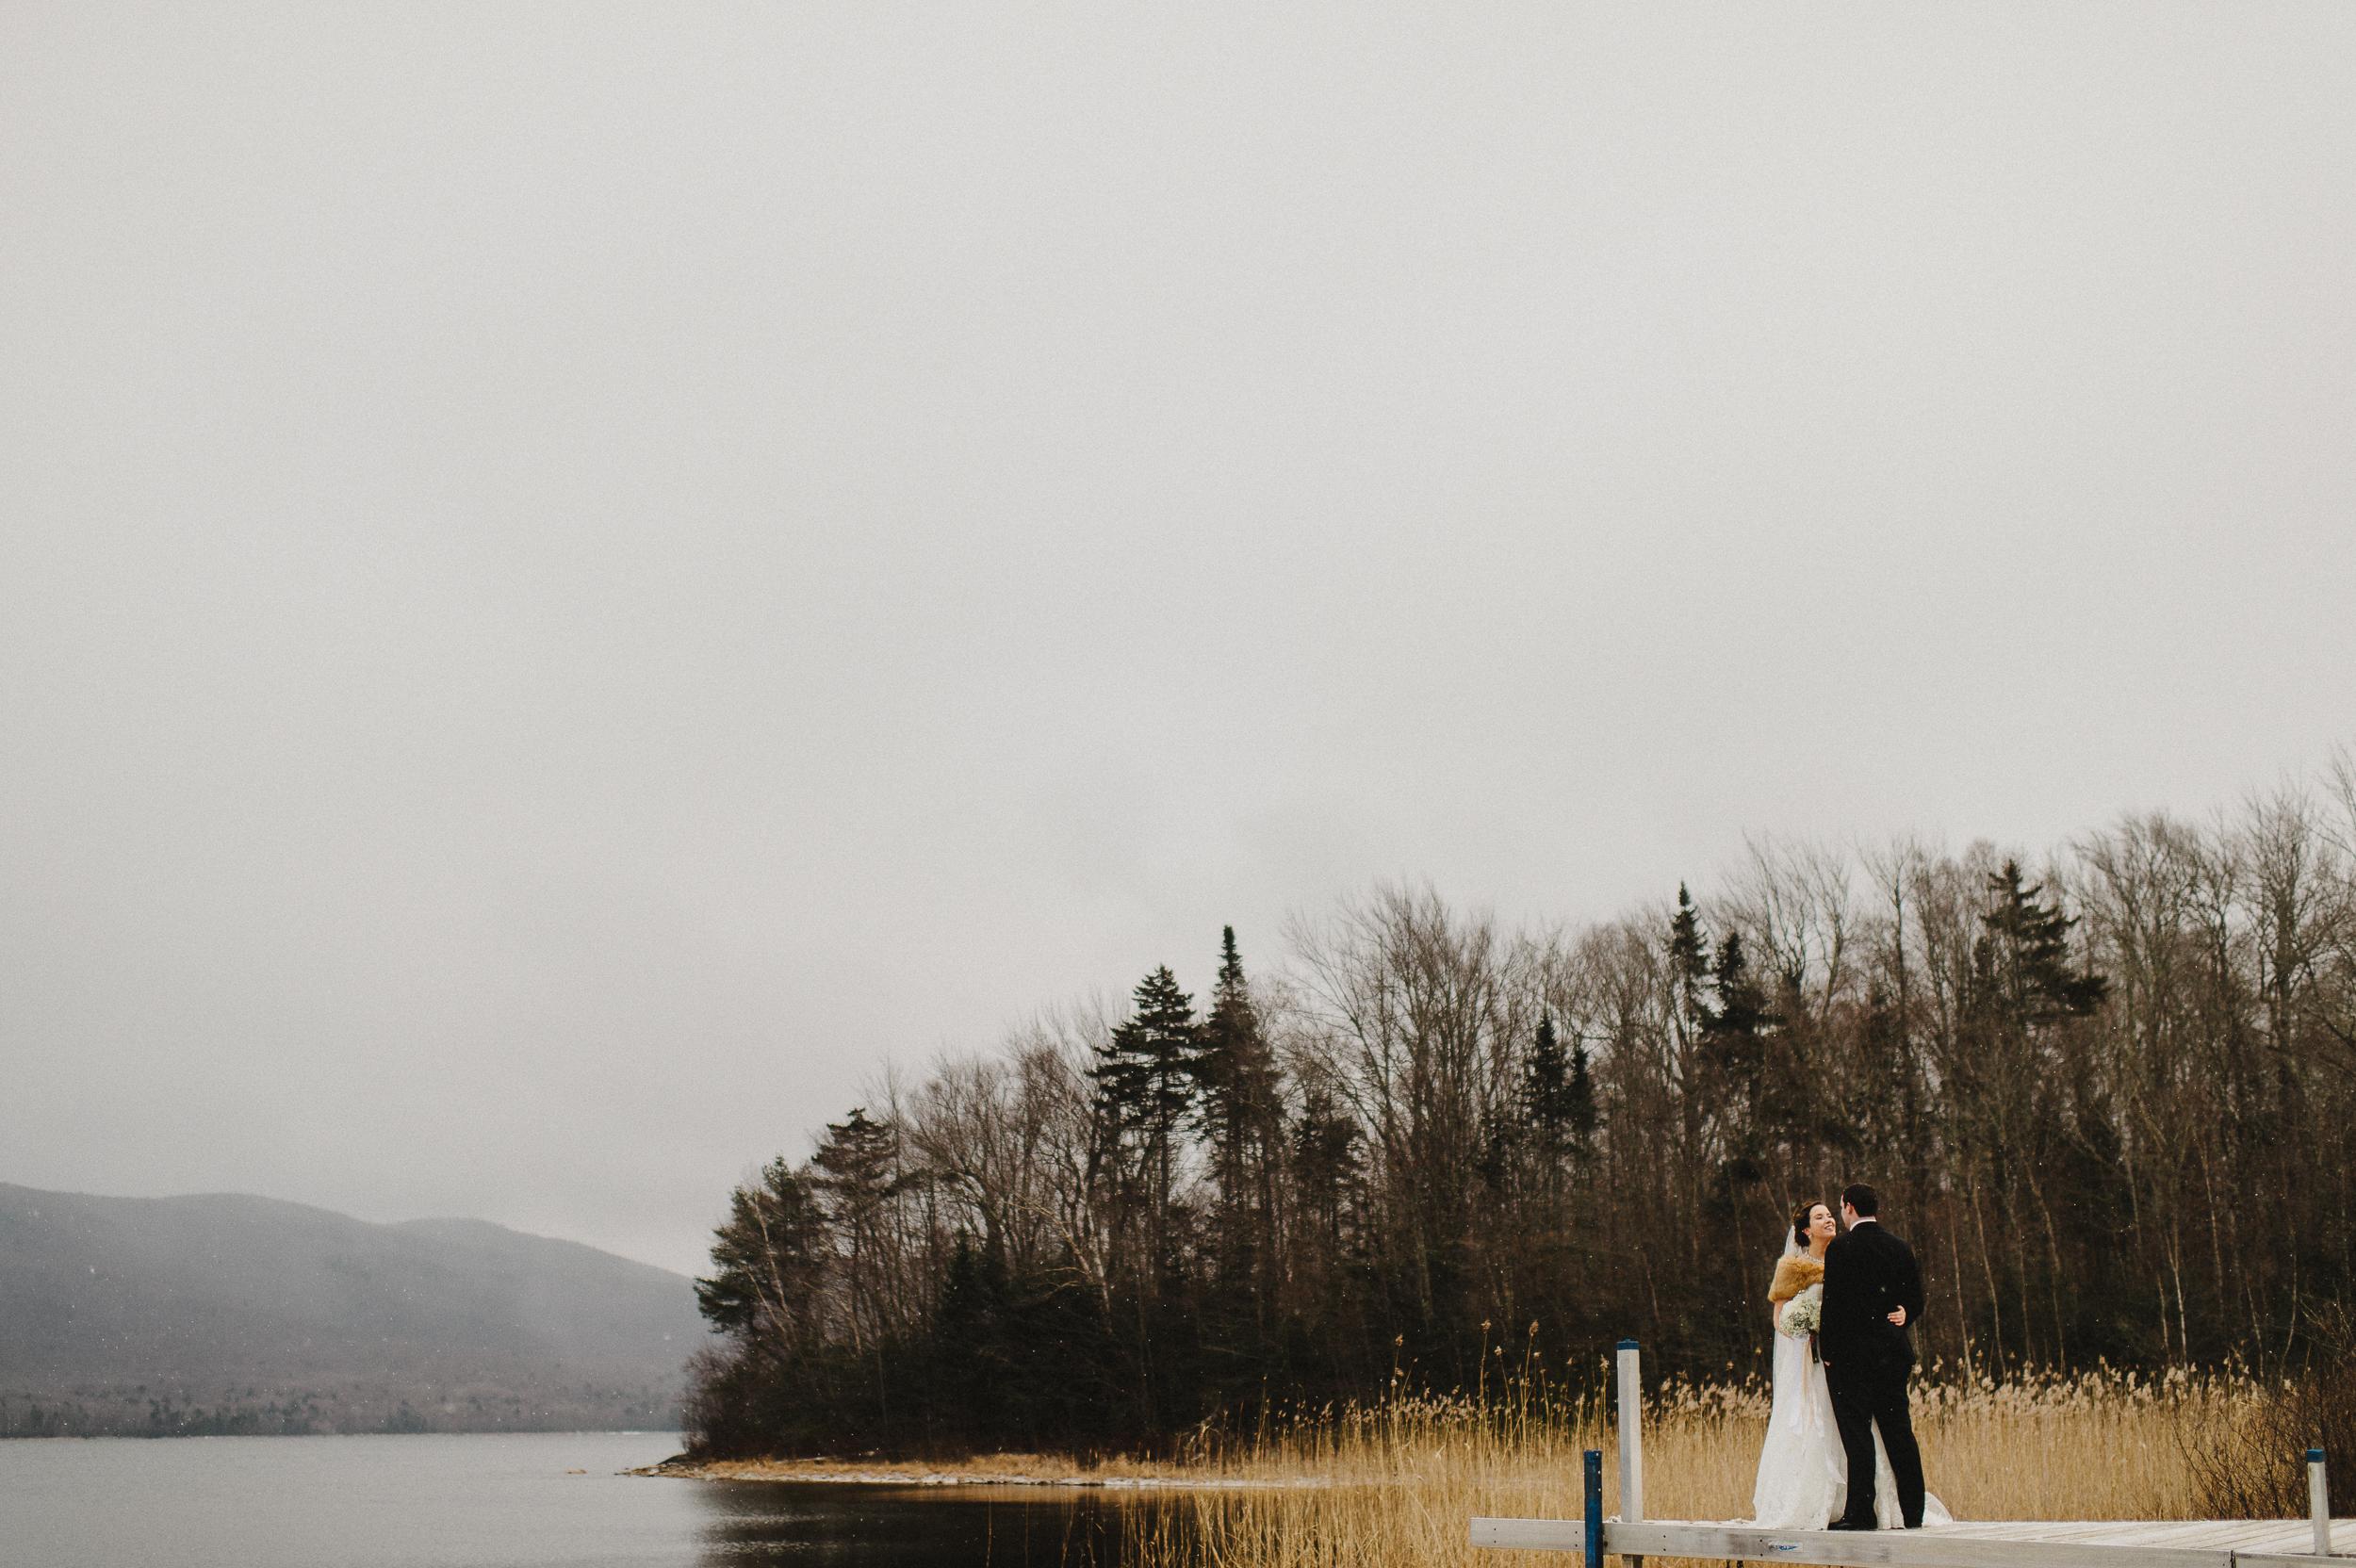 vermont-destination-wedding-photographer-35.jpg